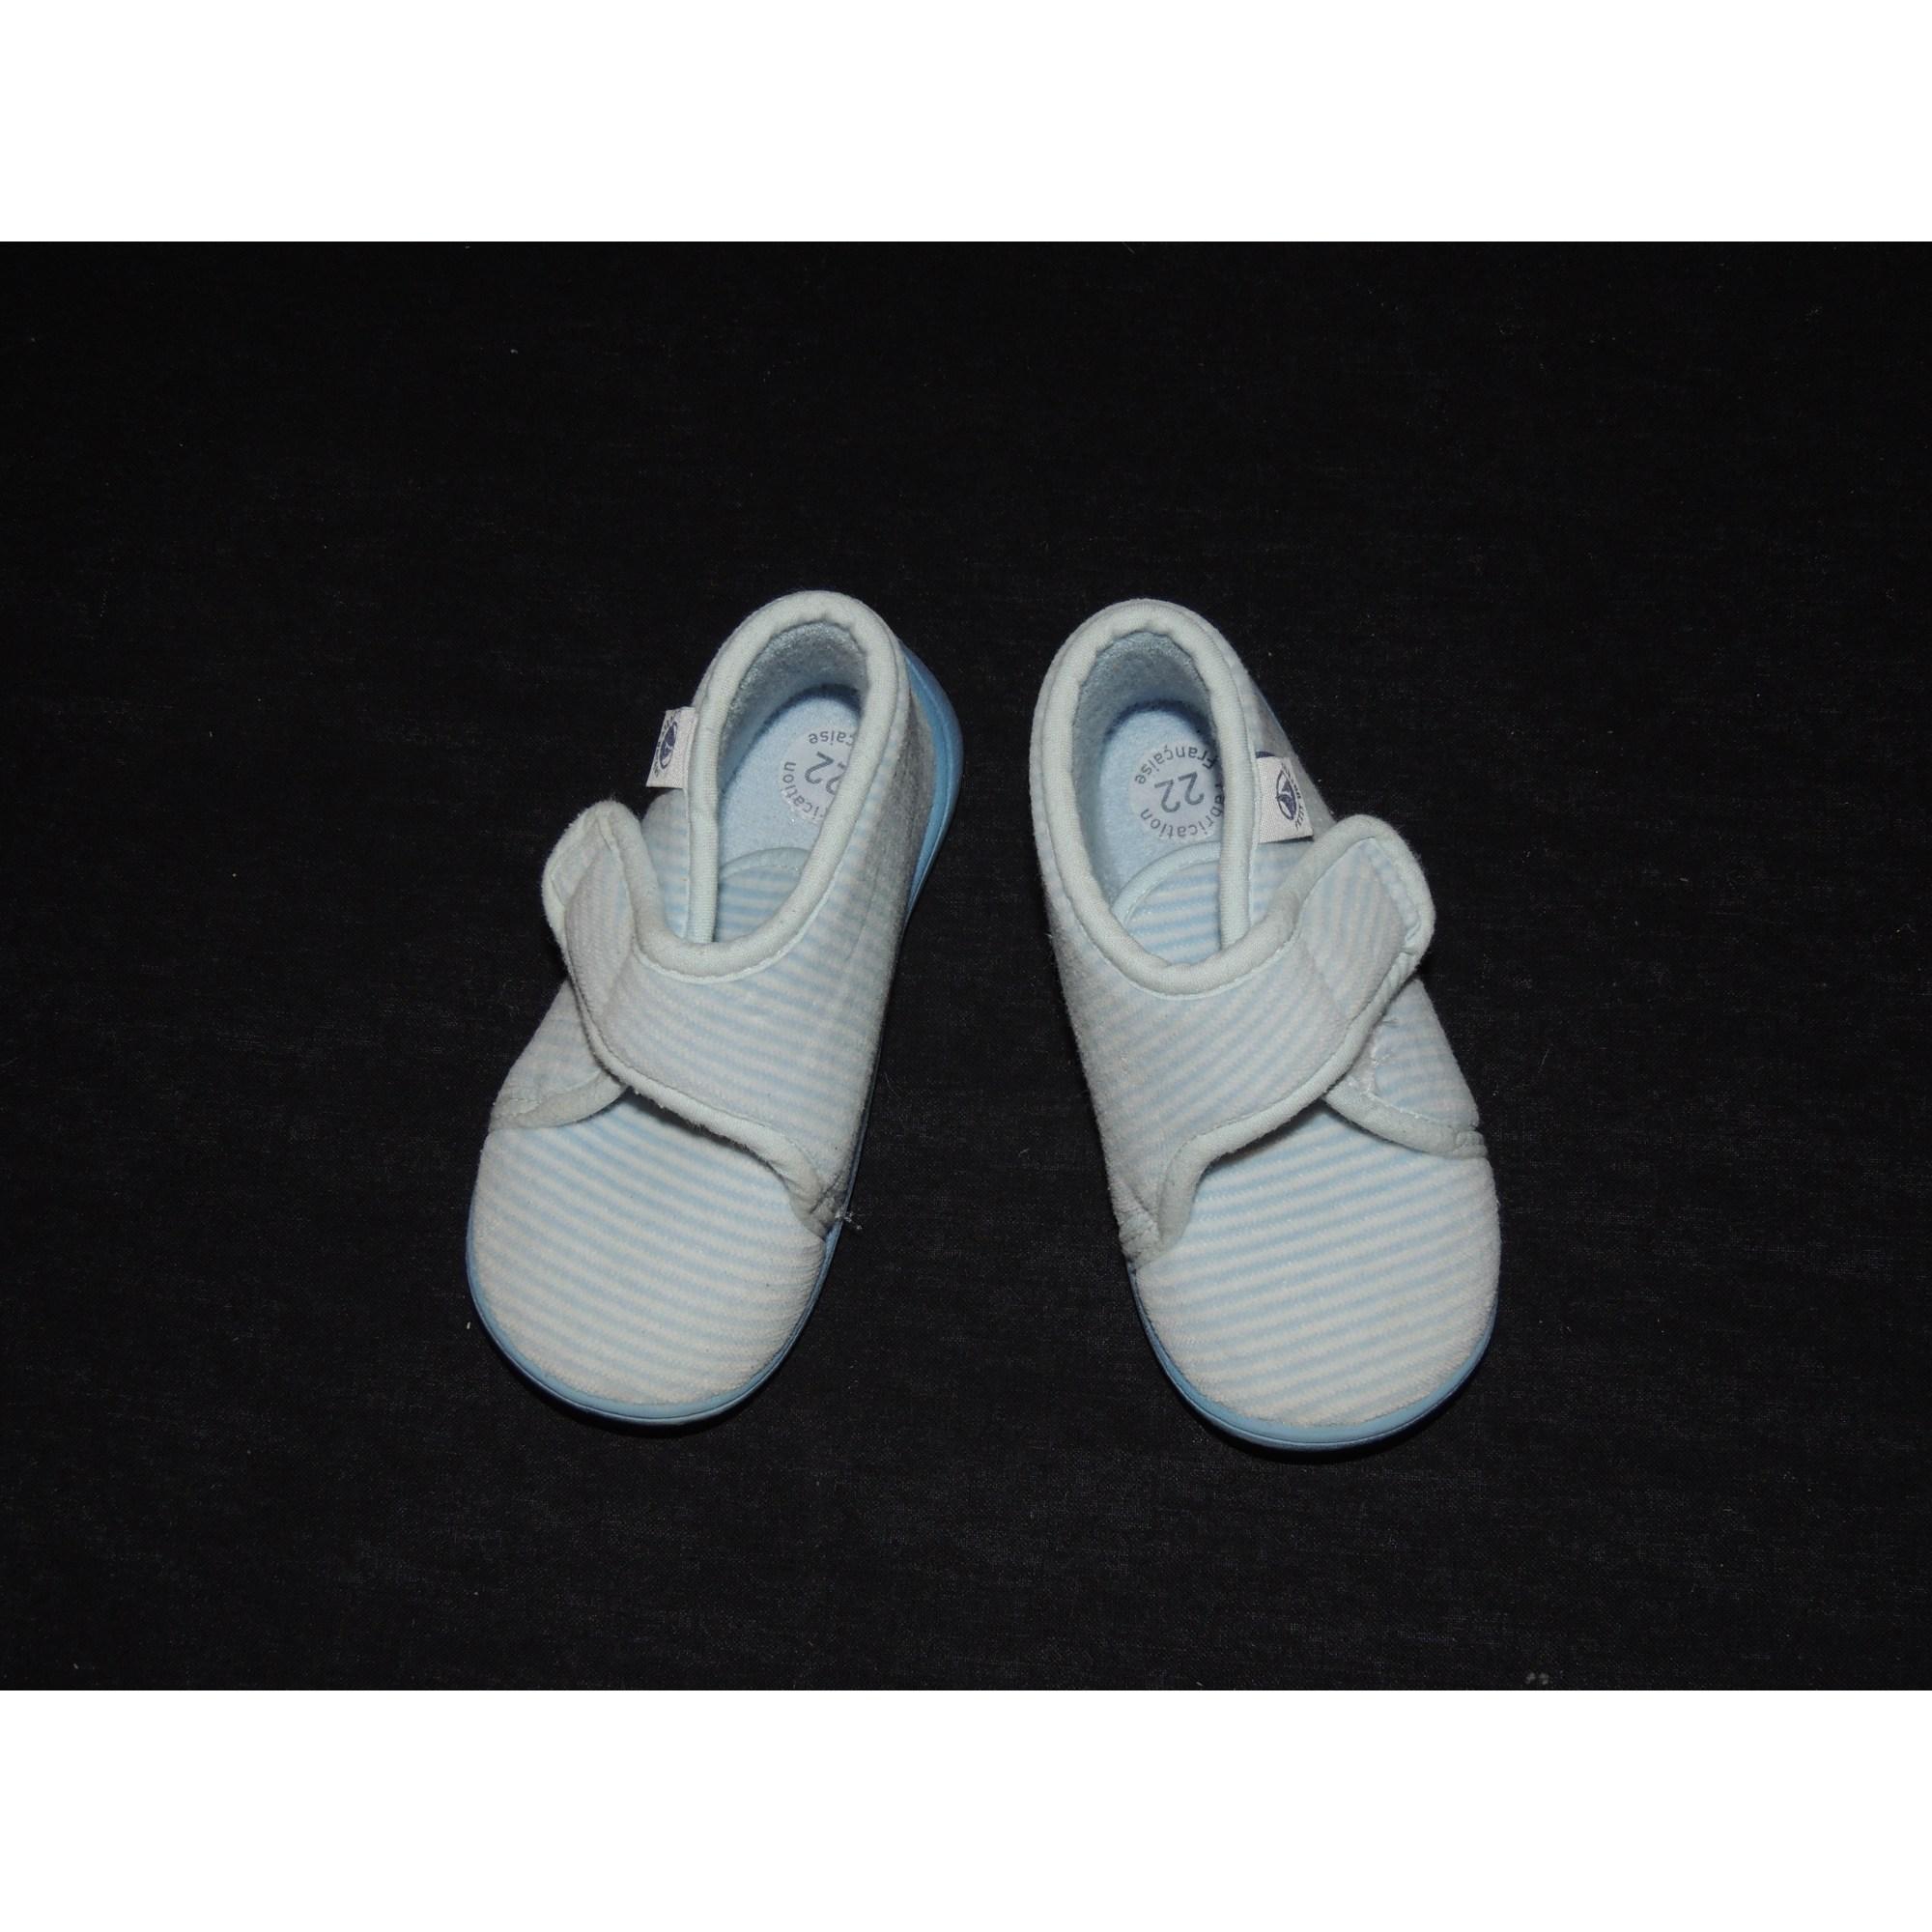 f97829c267f Chaussons   pantoufles PETIT BATEAU 22 bleu - 2913608